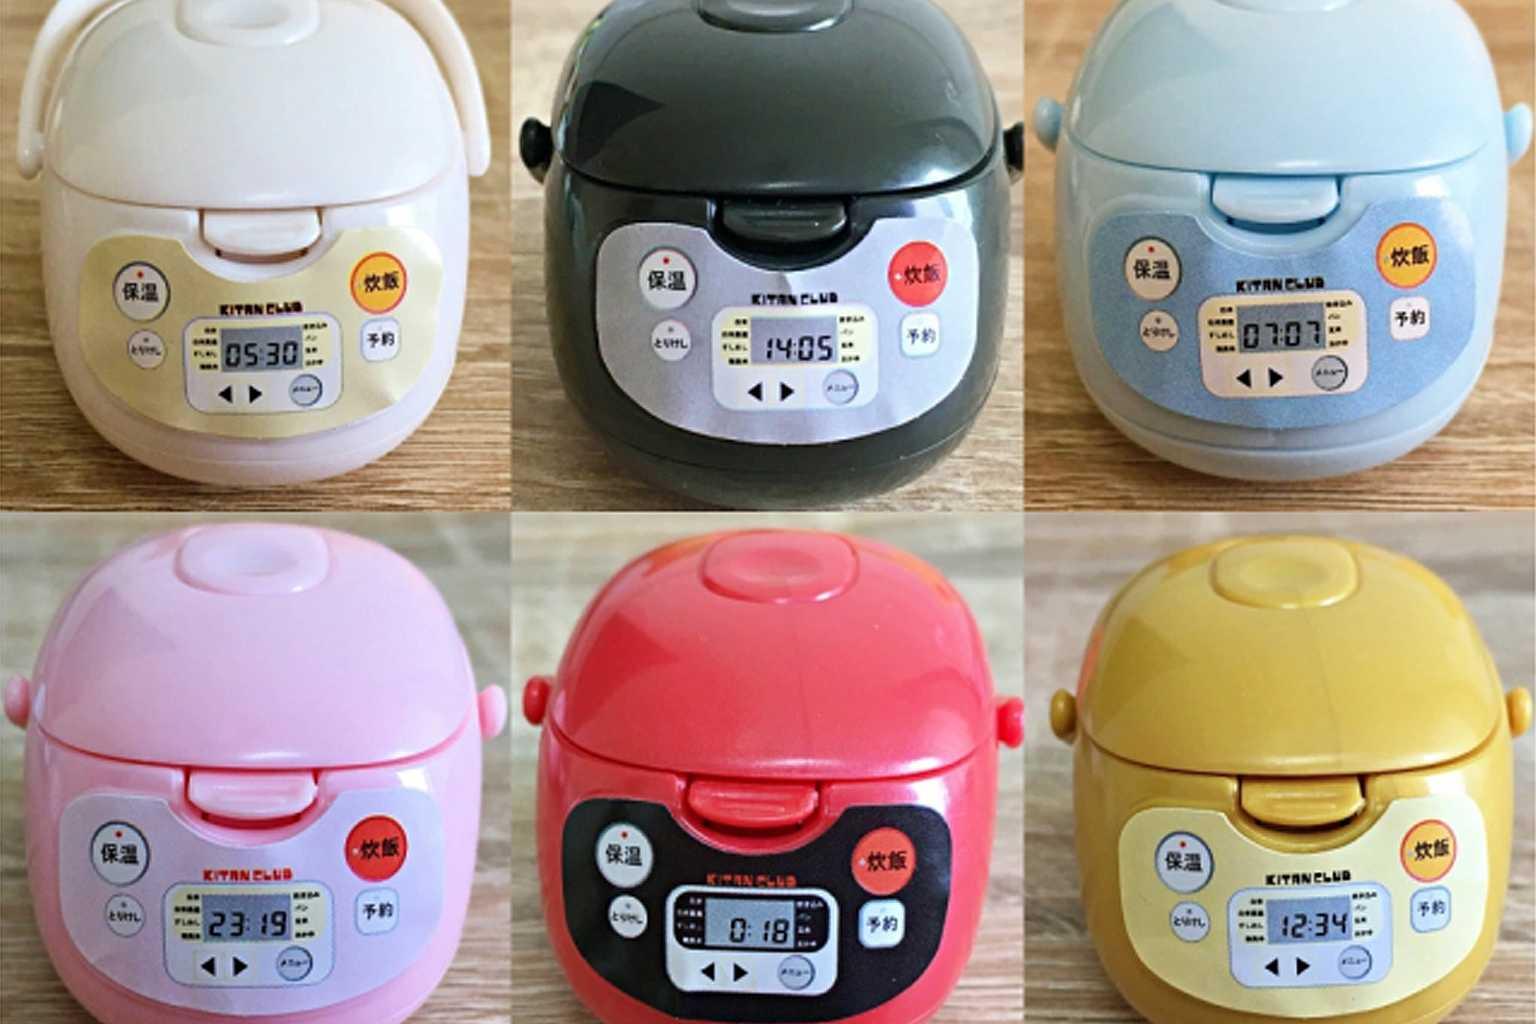 日本超逼真「迷你電鍋扭蛋」紅遍全網! 小配件可拆卸還原度超高 – 爆笑博客